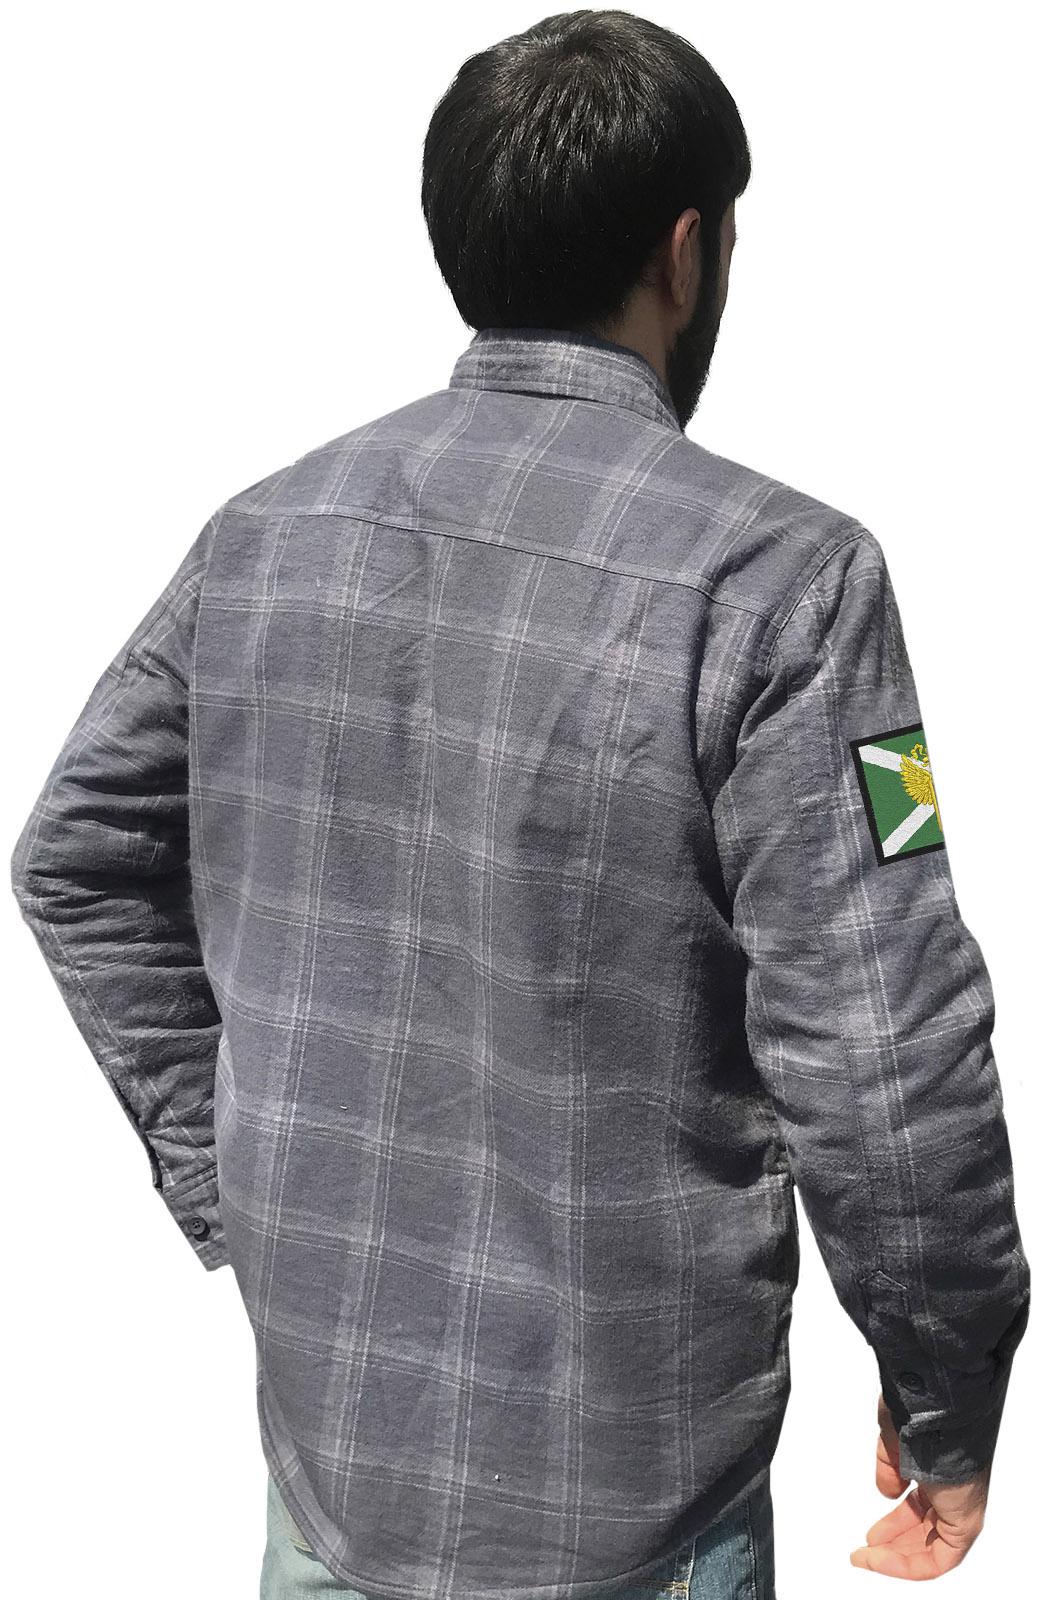 Купить мужскую теплую рубашку с вышитым шевроном Таможни России с доставкой в ваш город